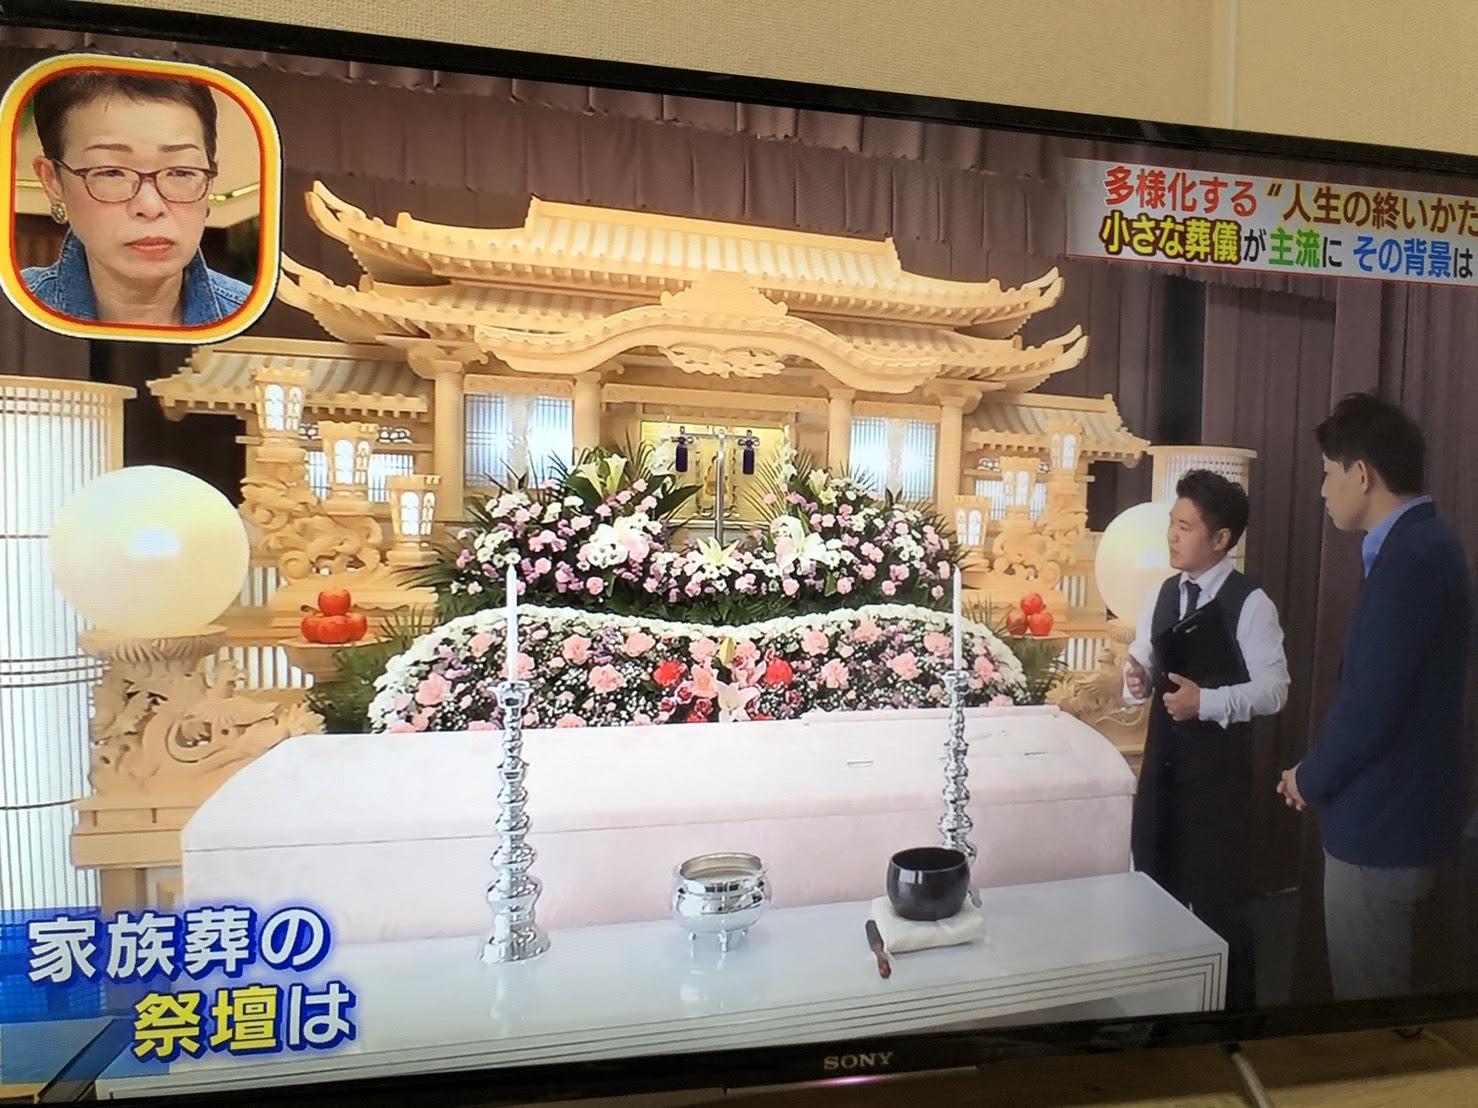 SBCずくだせテレビ・ずくだせジャーナル 変わりゆくお葬式 つばさ公益社